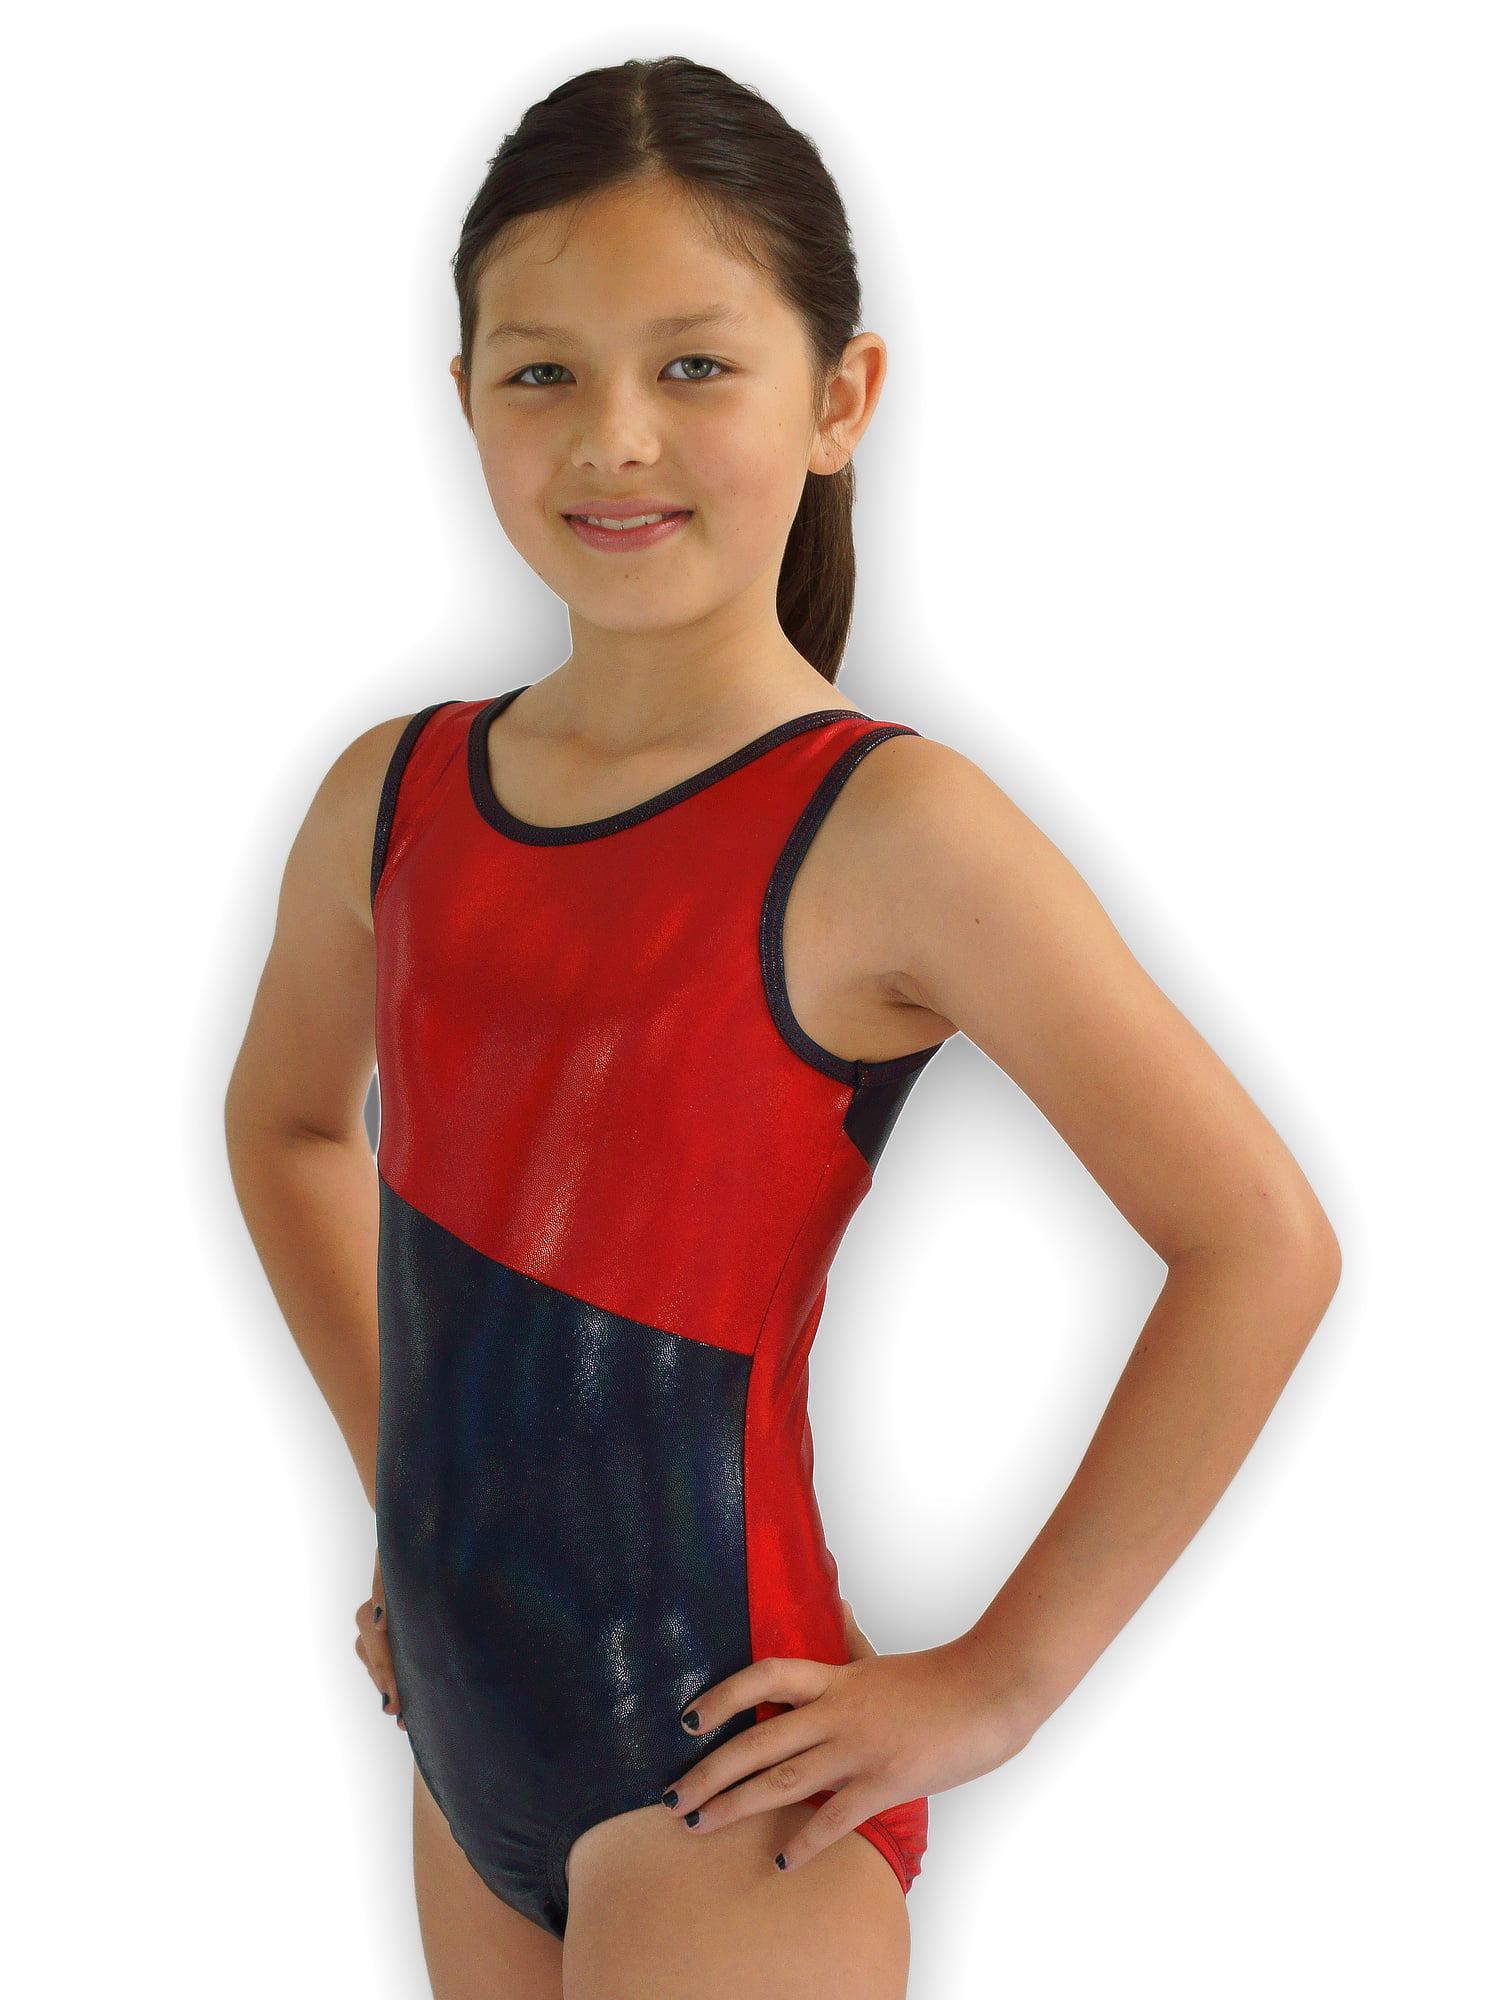 Gymnastics Leotard for Girls - Switch/Heatlamp - Leap Gear by Pelle - 6 | Child Medium